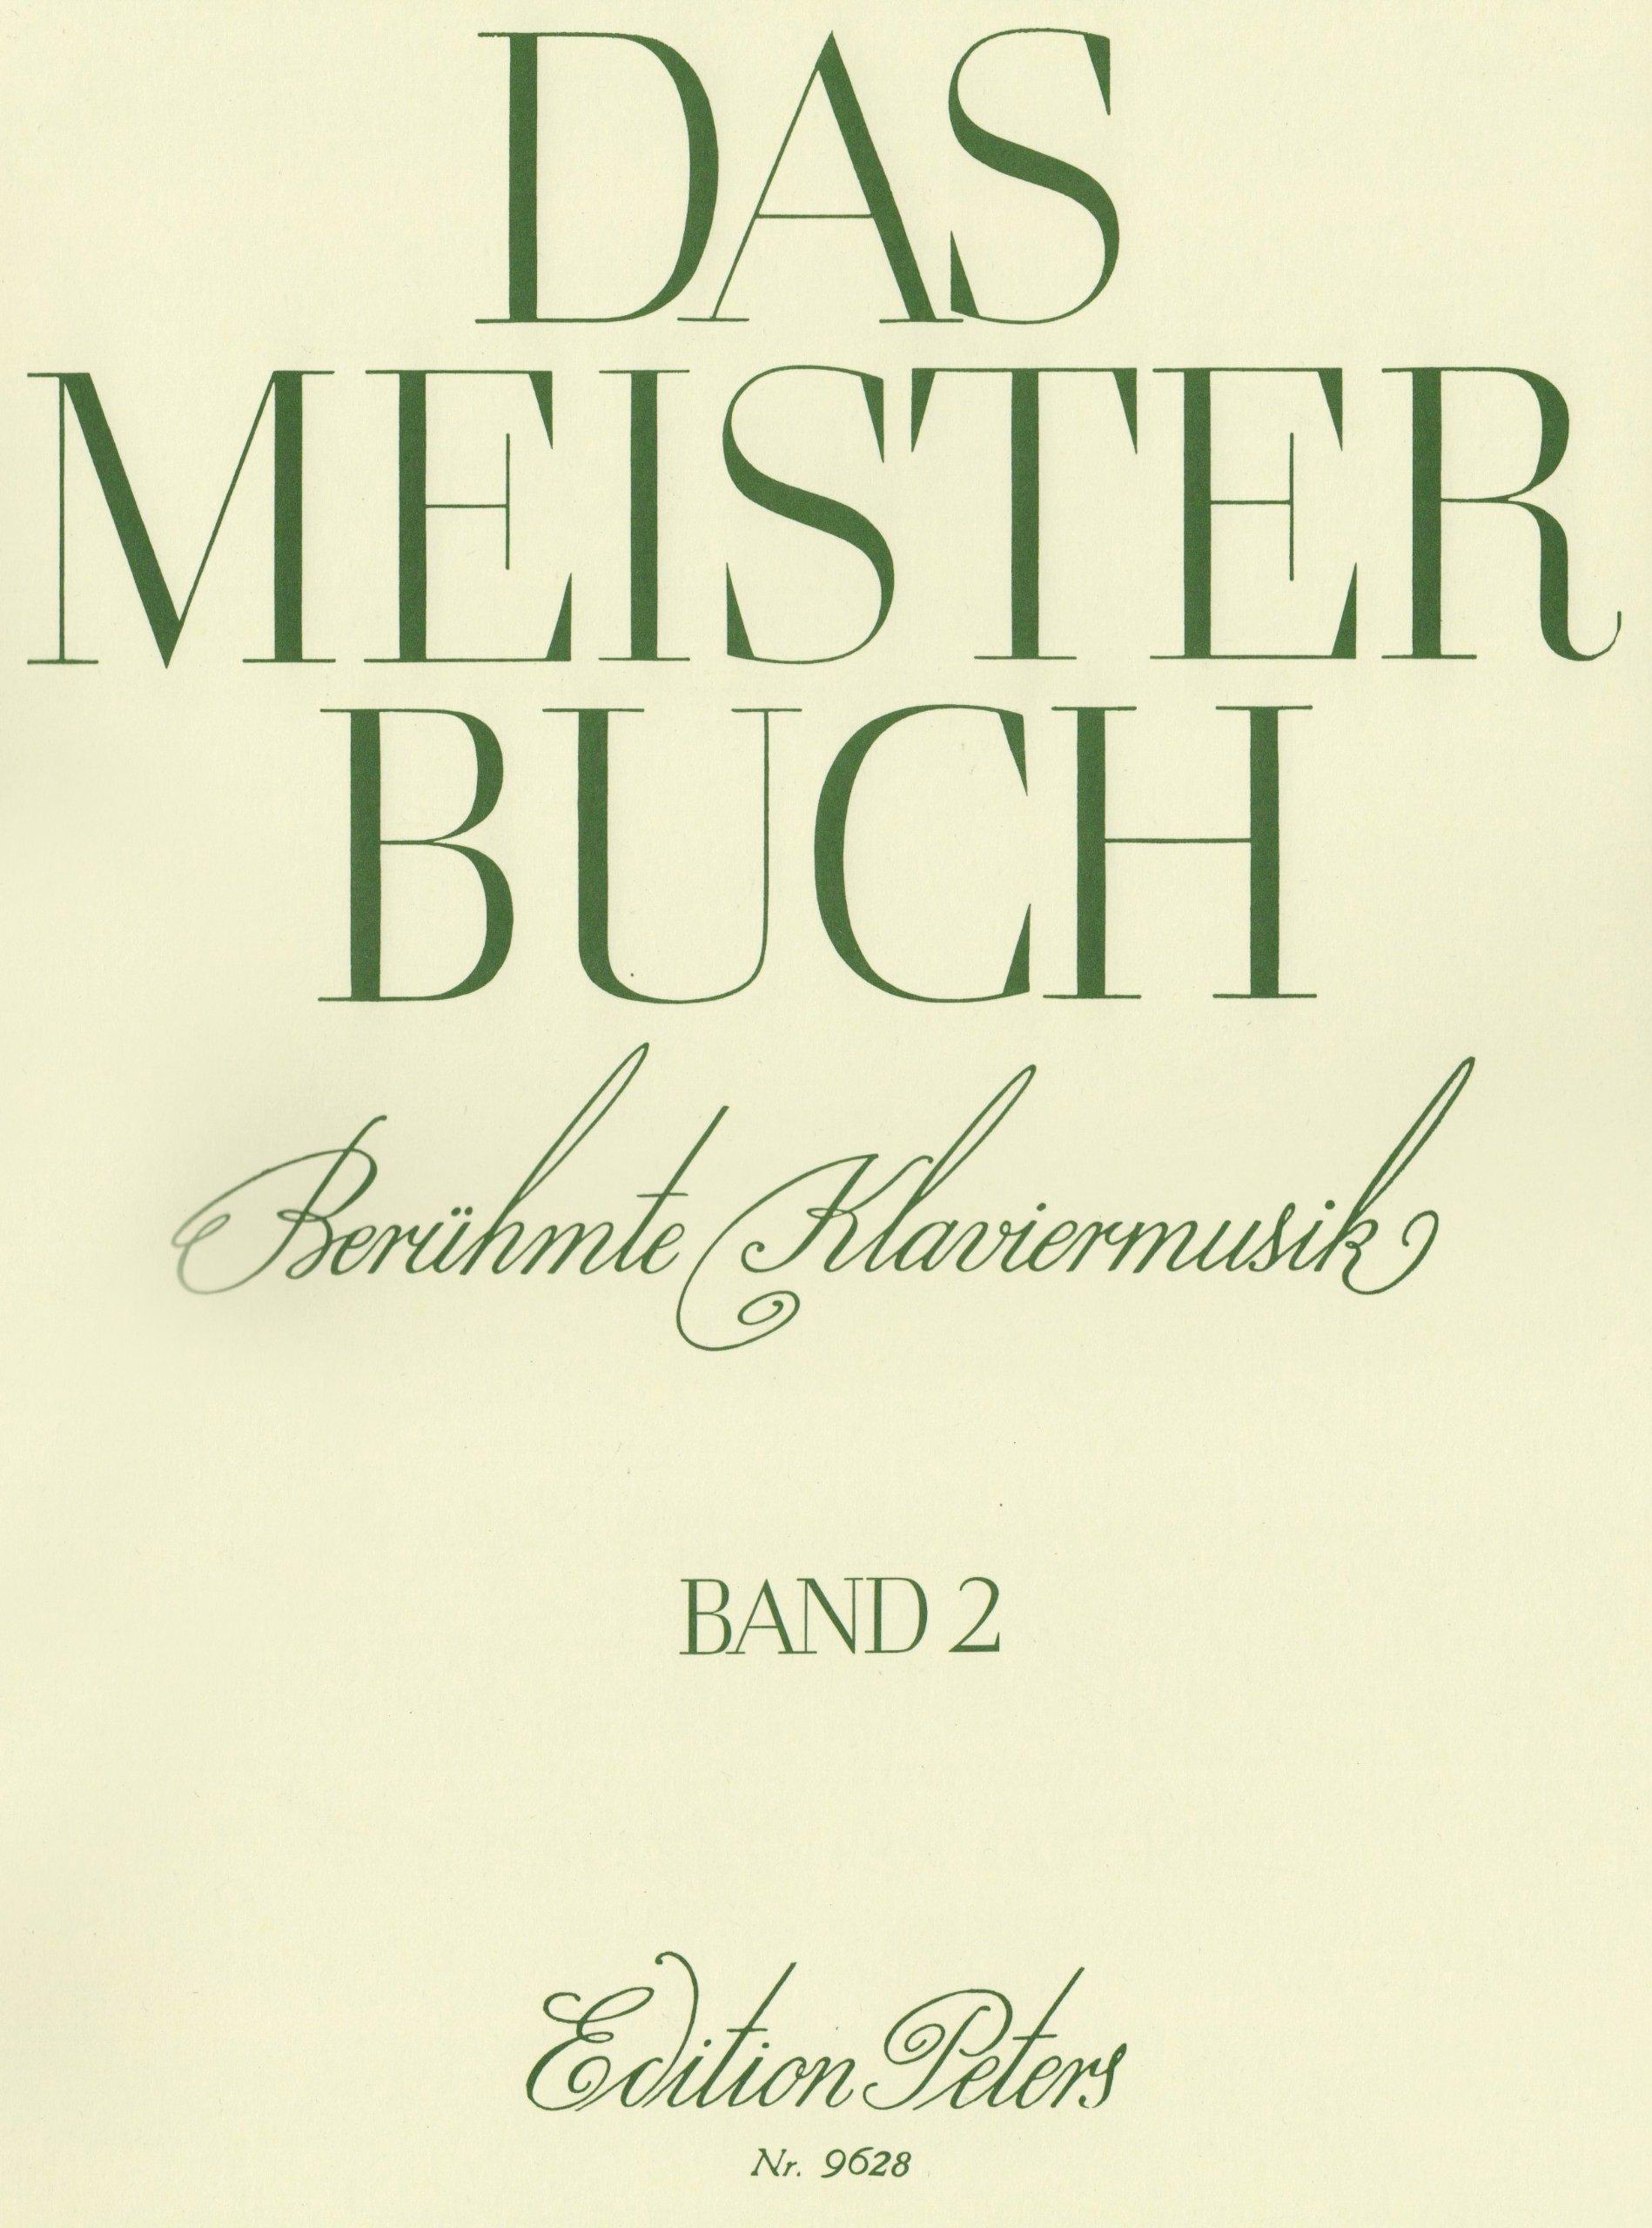 das-meisterbuch-band-2-eine-sammlung-berhmter-klaviermusik-aus-drei-jahrhunderten